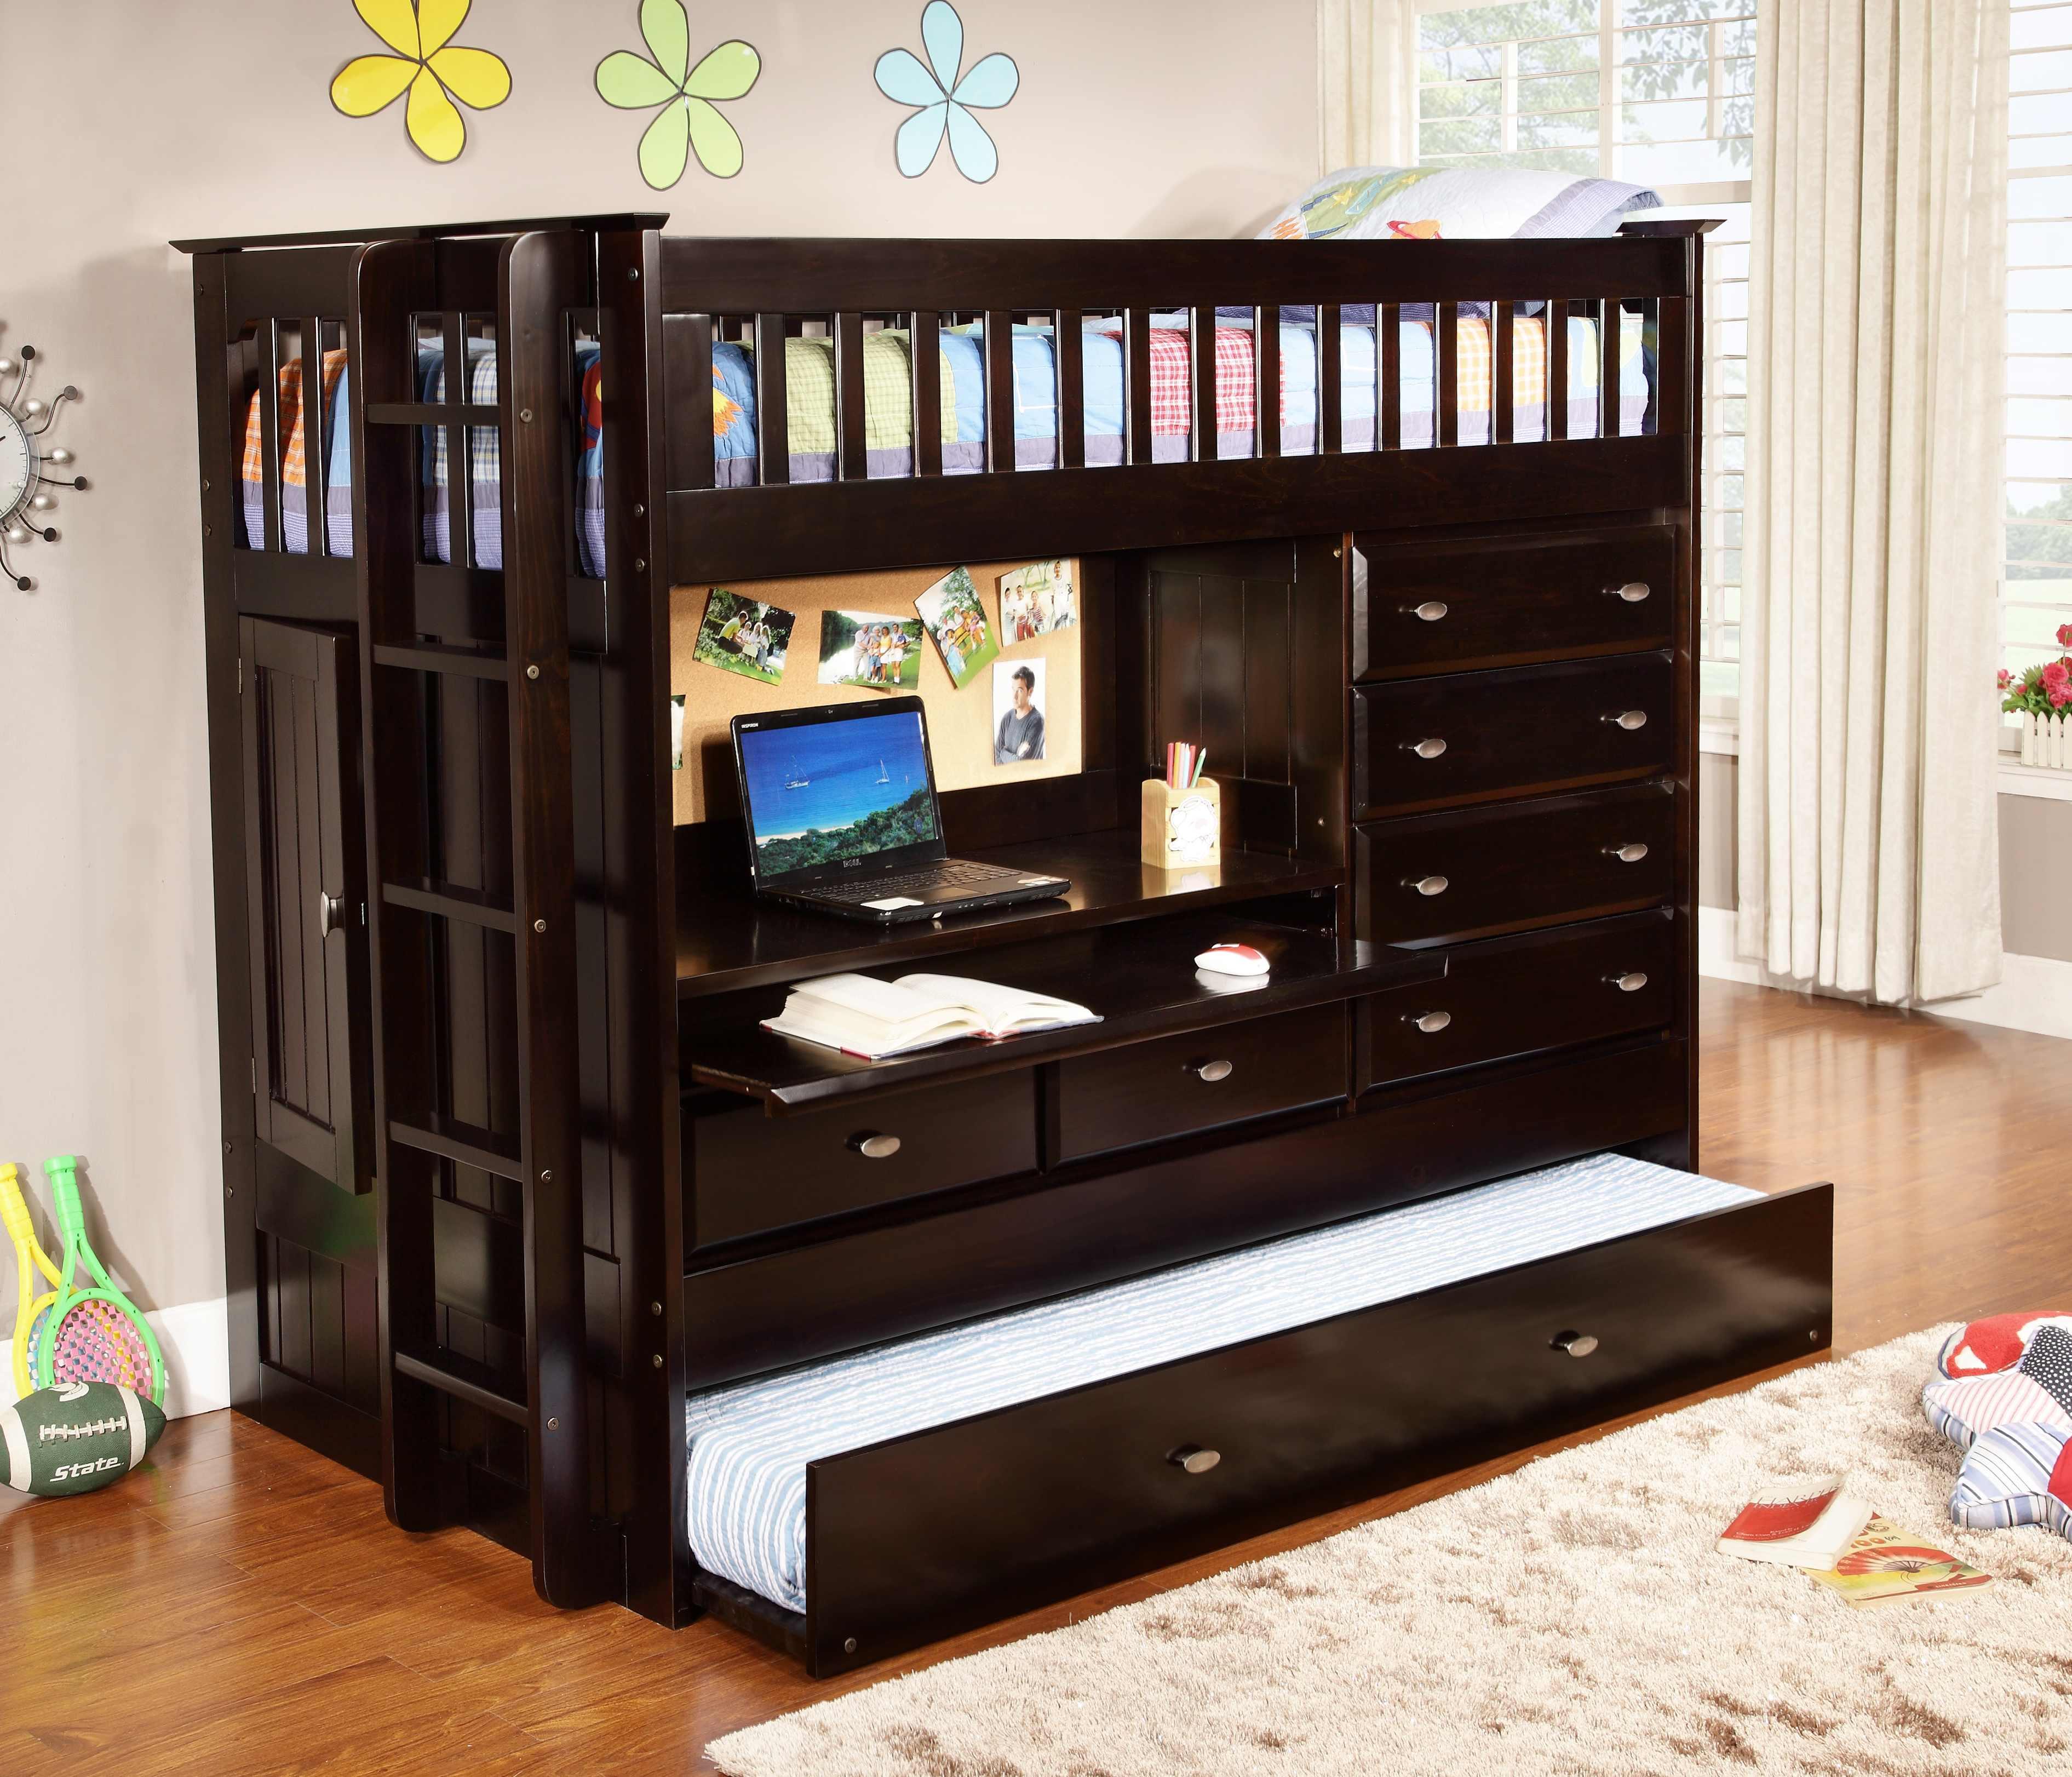 Wholesale Dorm Loft Beds Kfs Stores